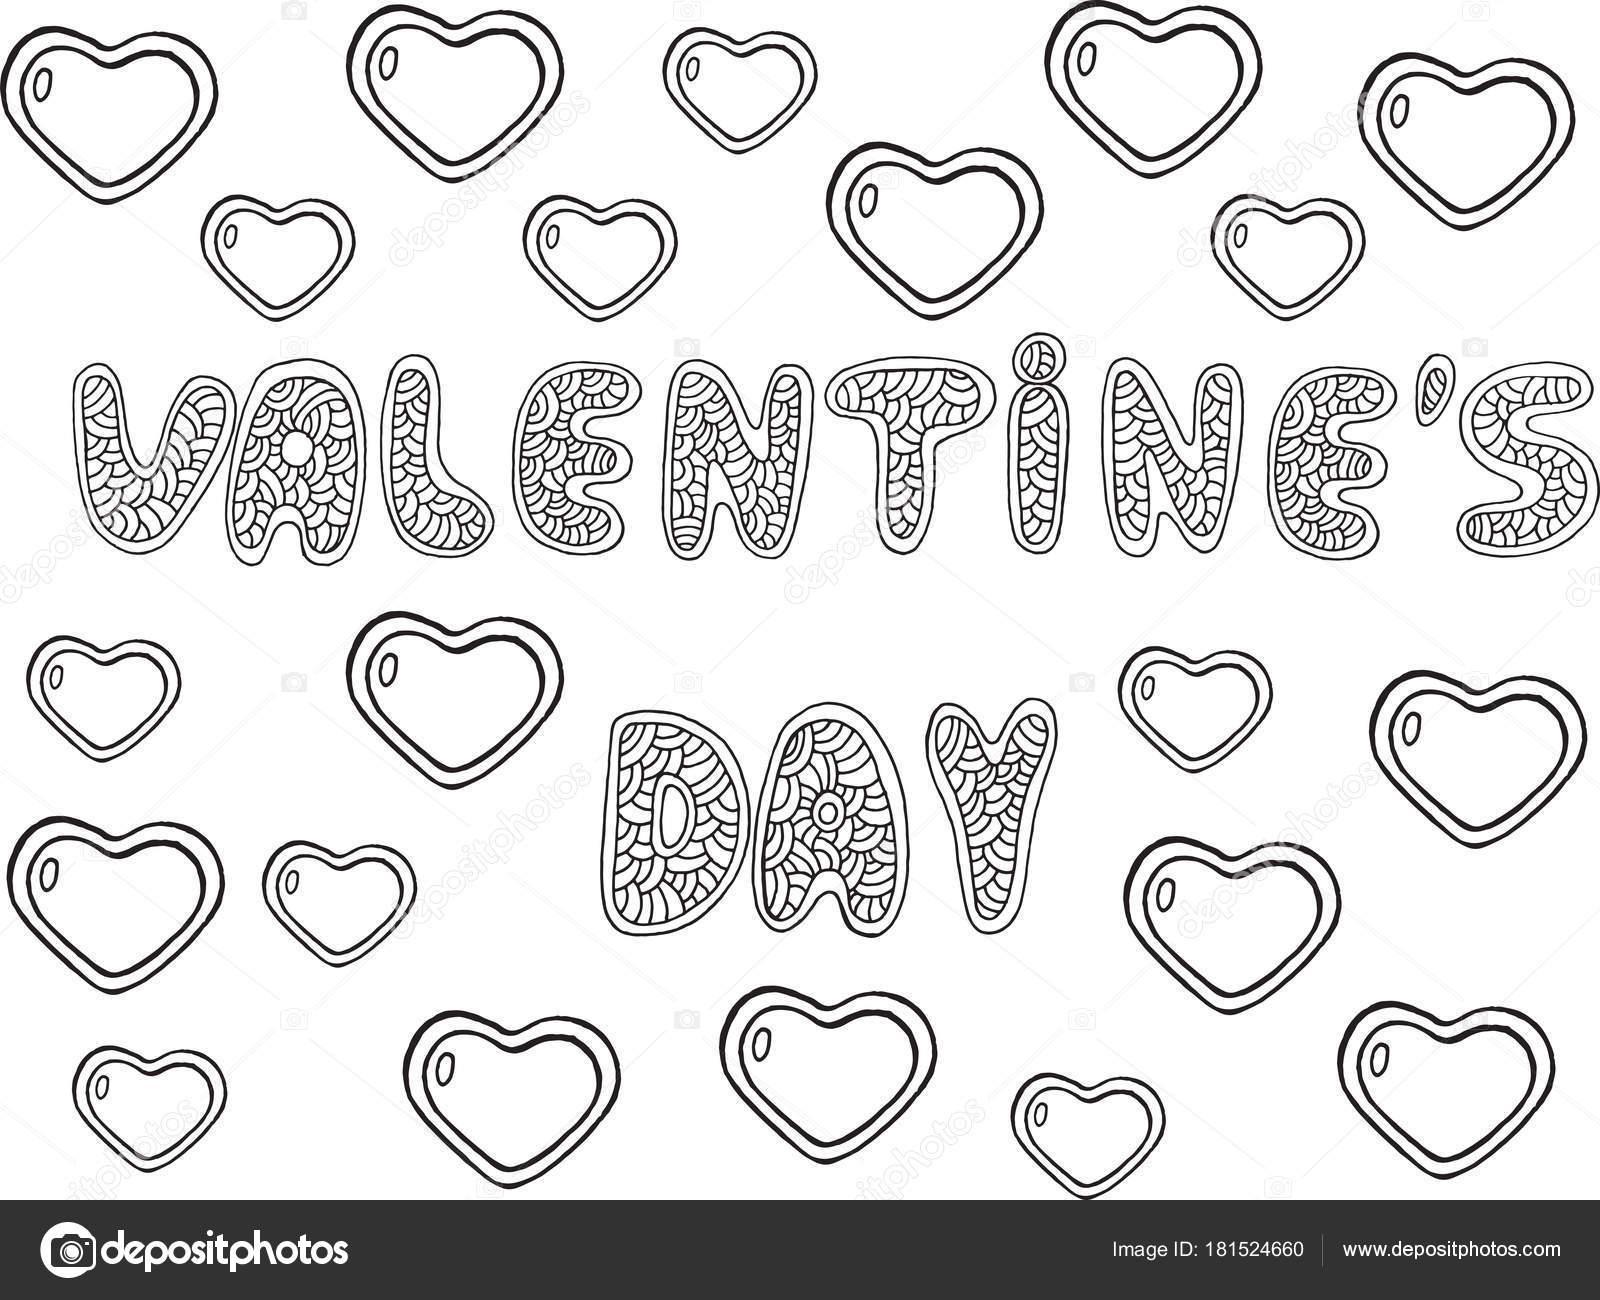 Valentines Day - Wort Schriftzug Malvorlagen. Doodle Cartoon h ...